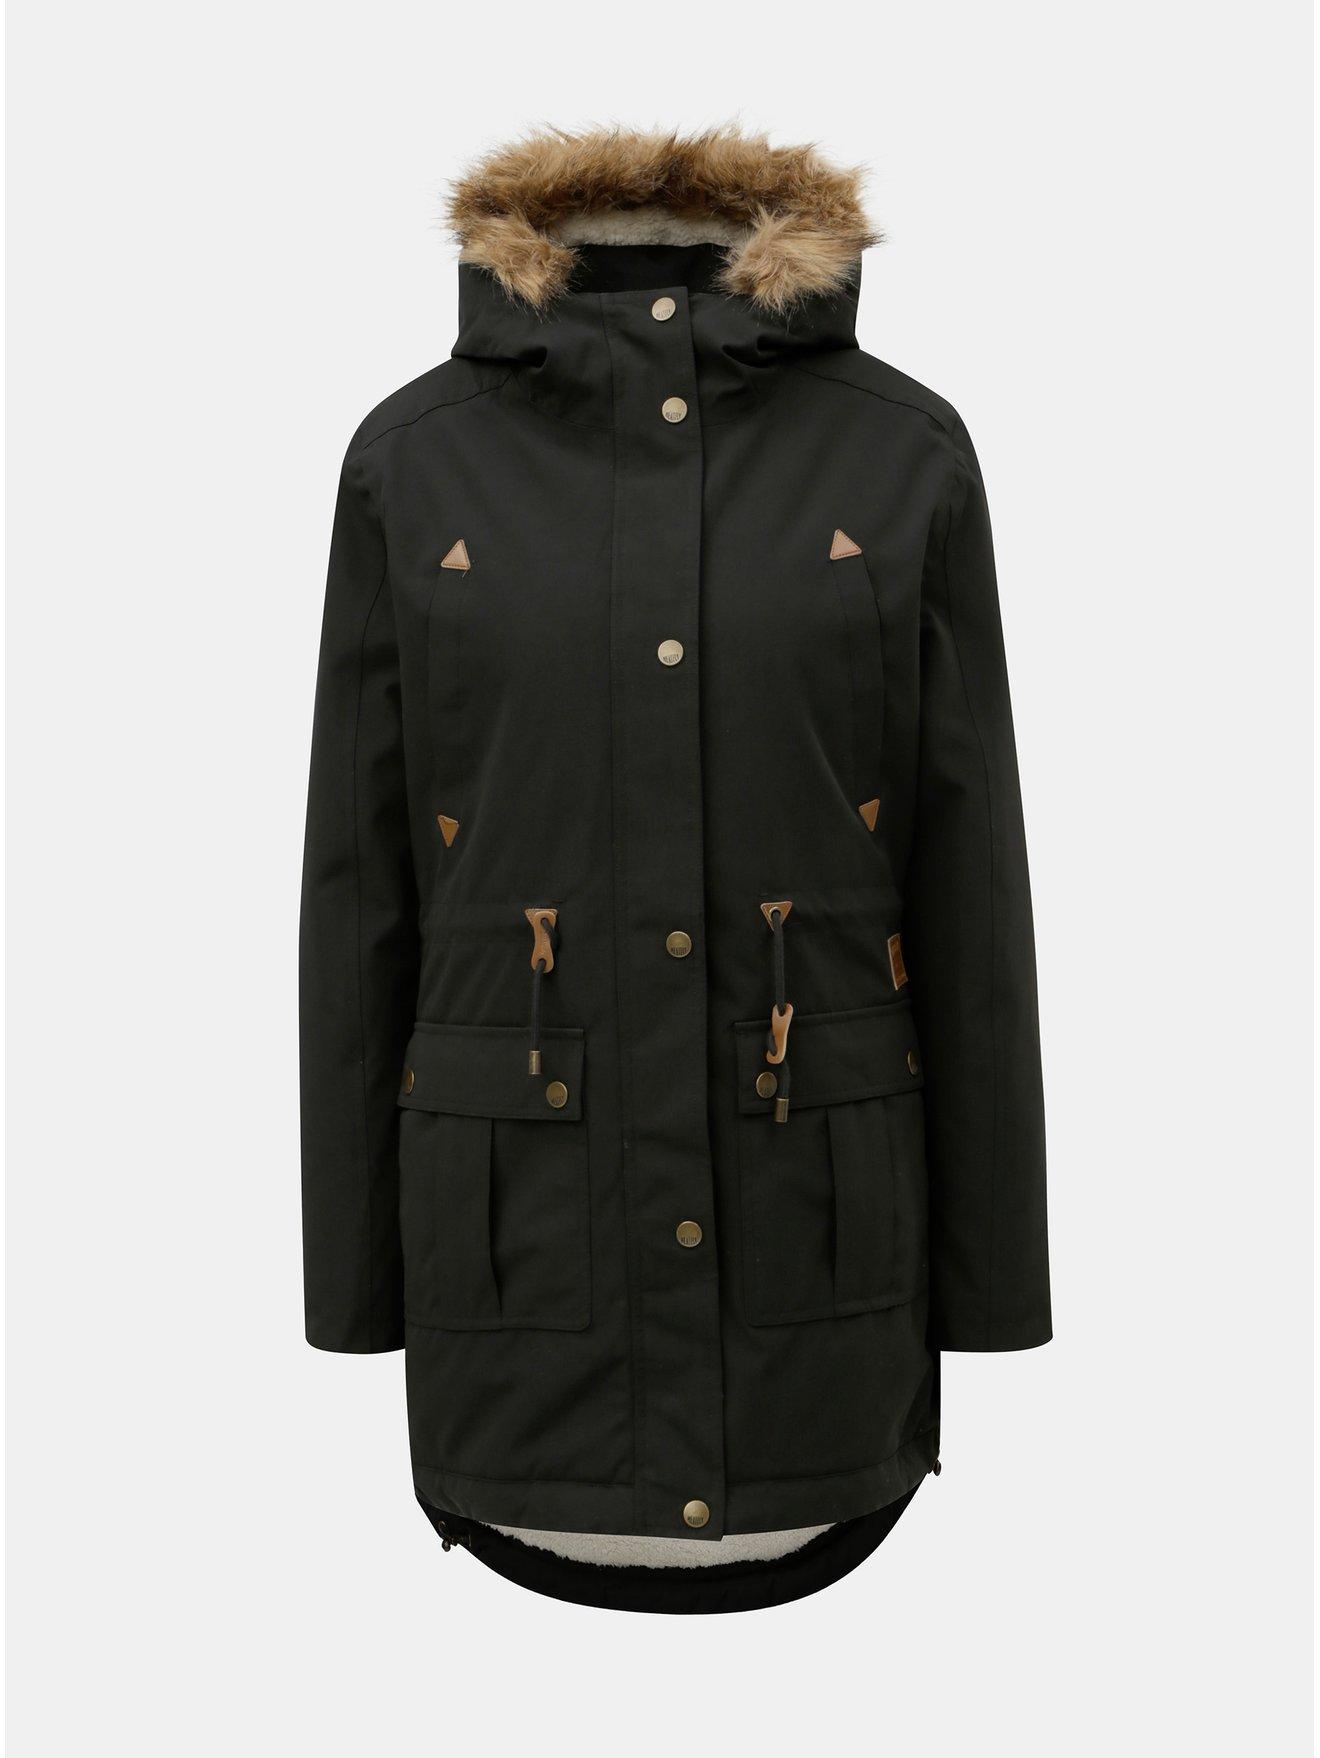 Černá dámská zimní parka s vnitřním umělým kožíškem Meatfly Rainy